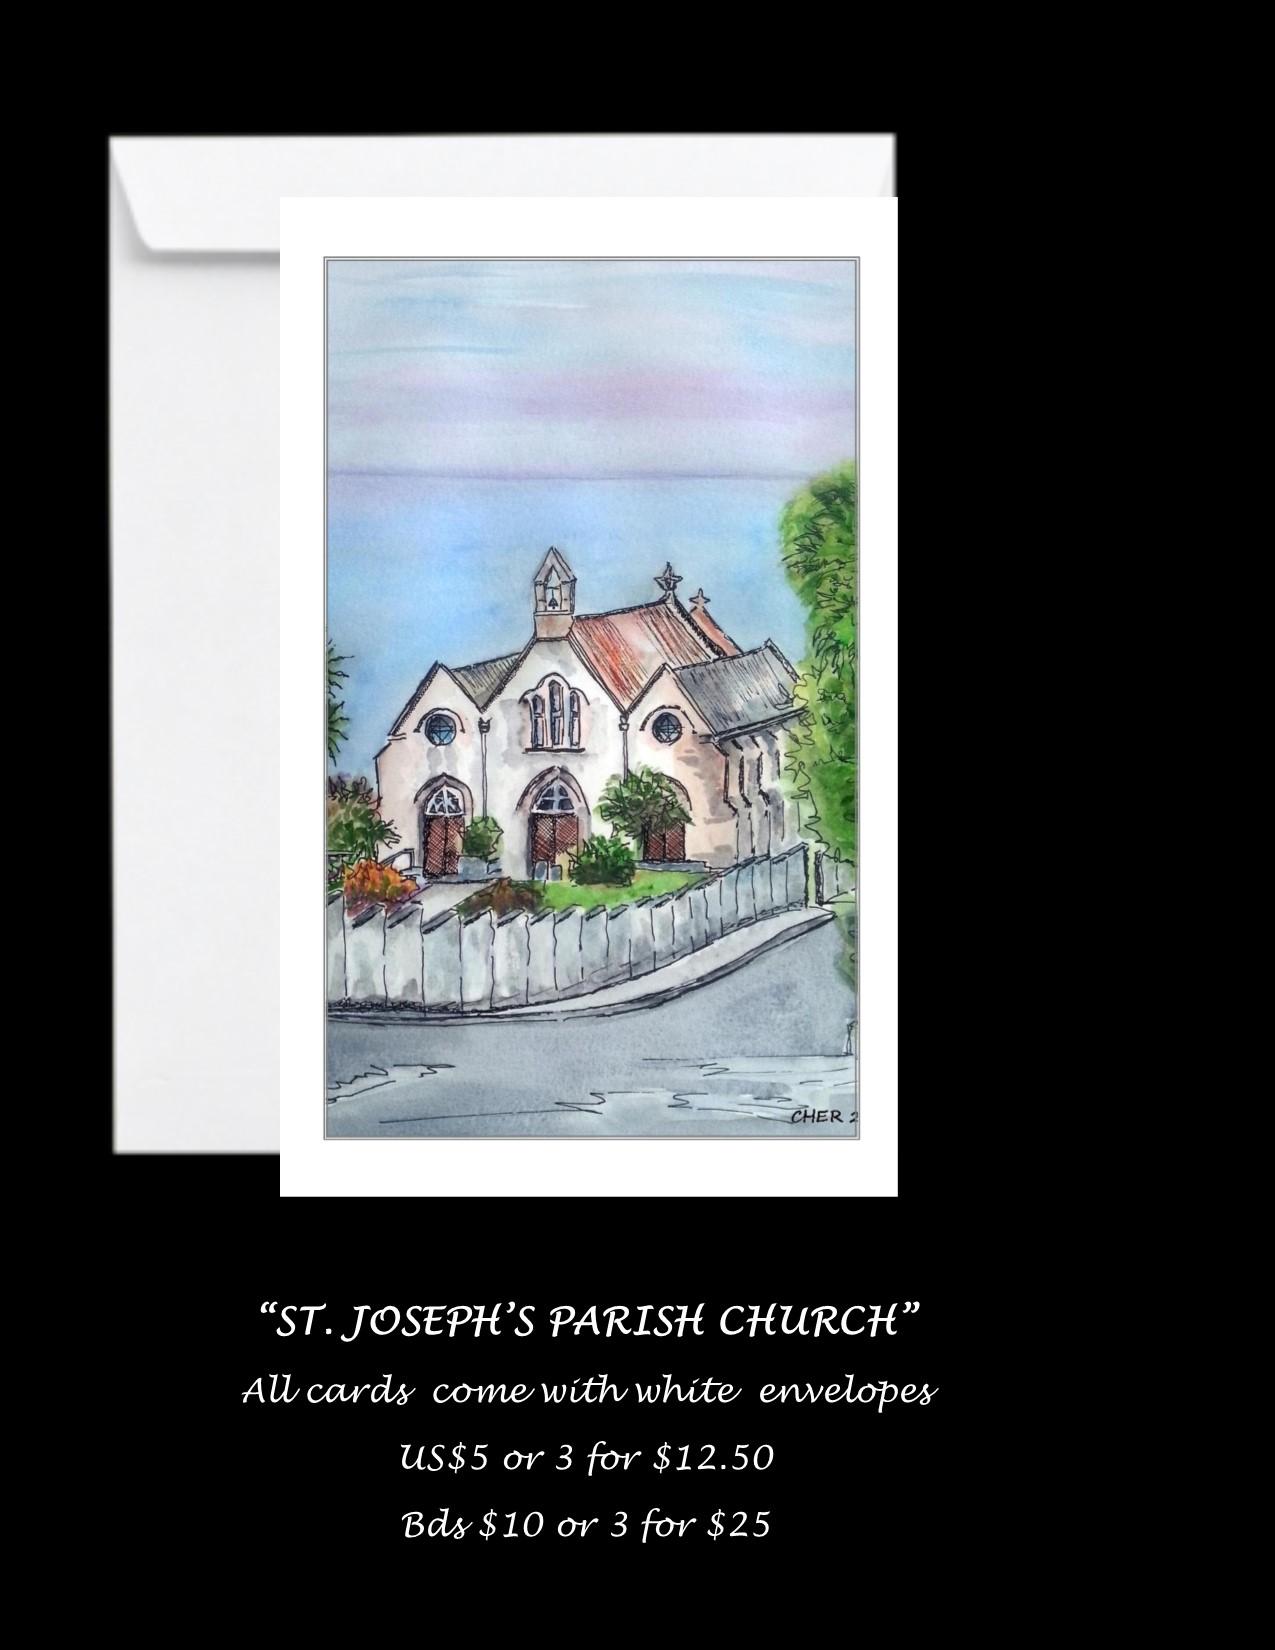 StJosephChurch-06